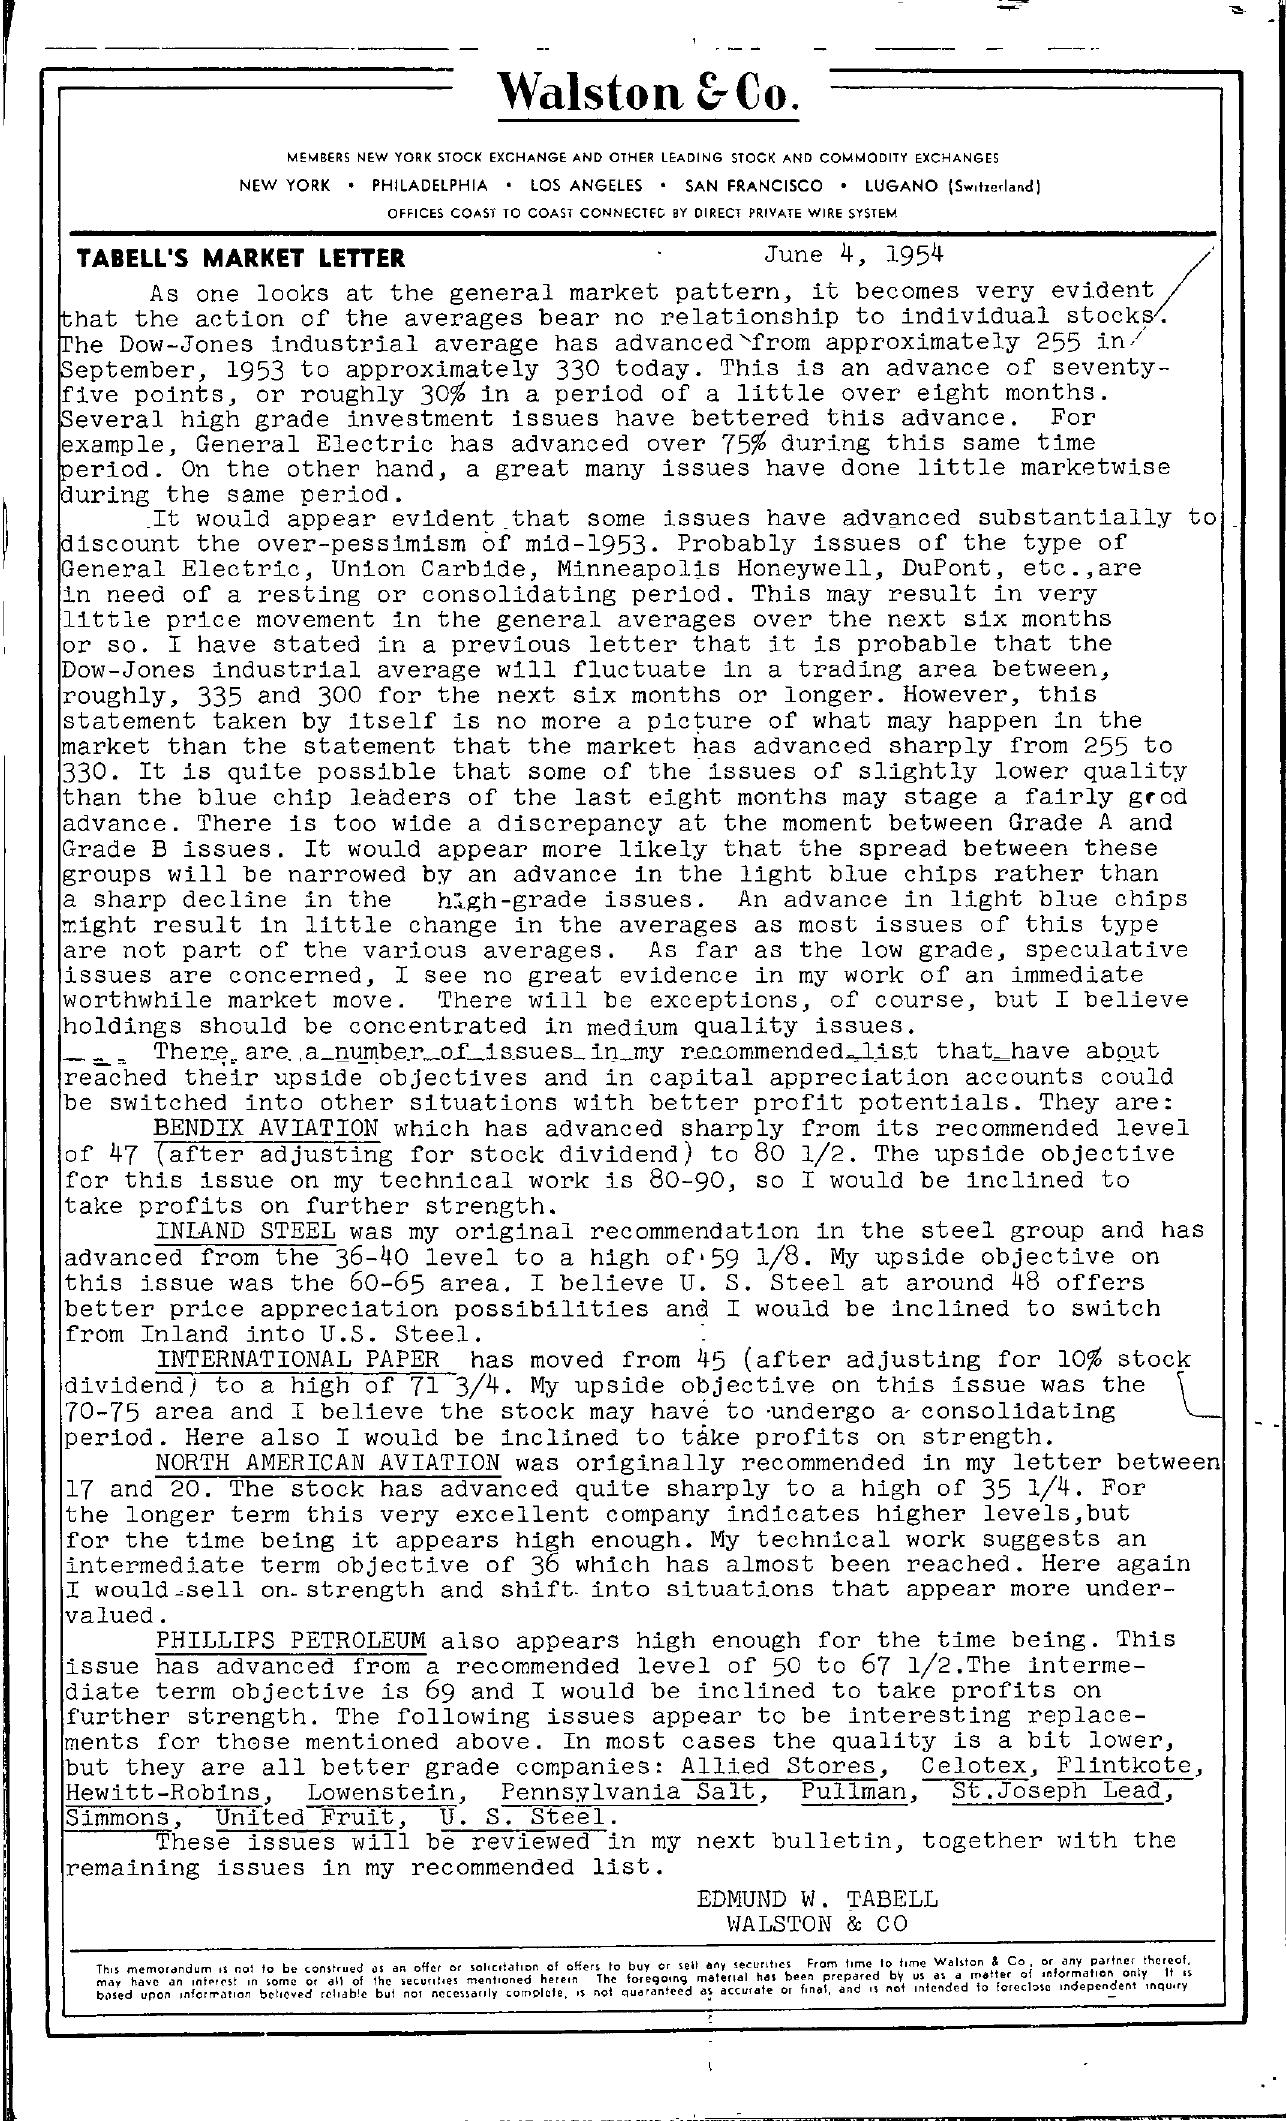 Tabell's Market Letter - June 04, 1954